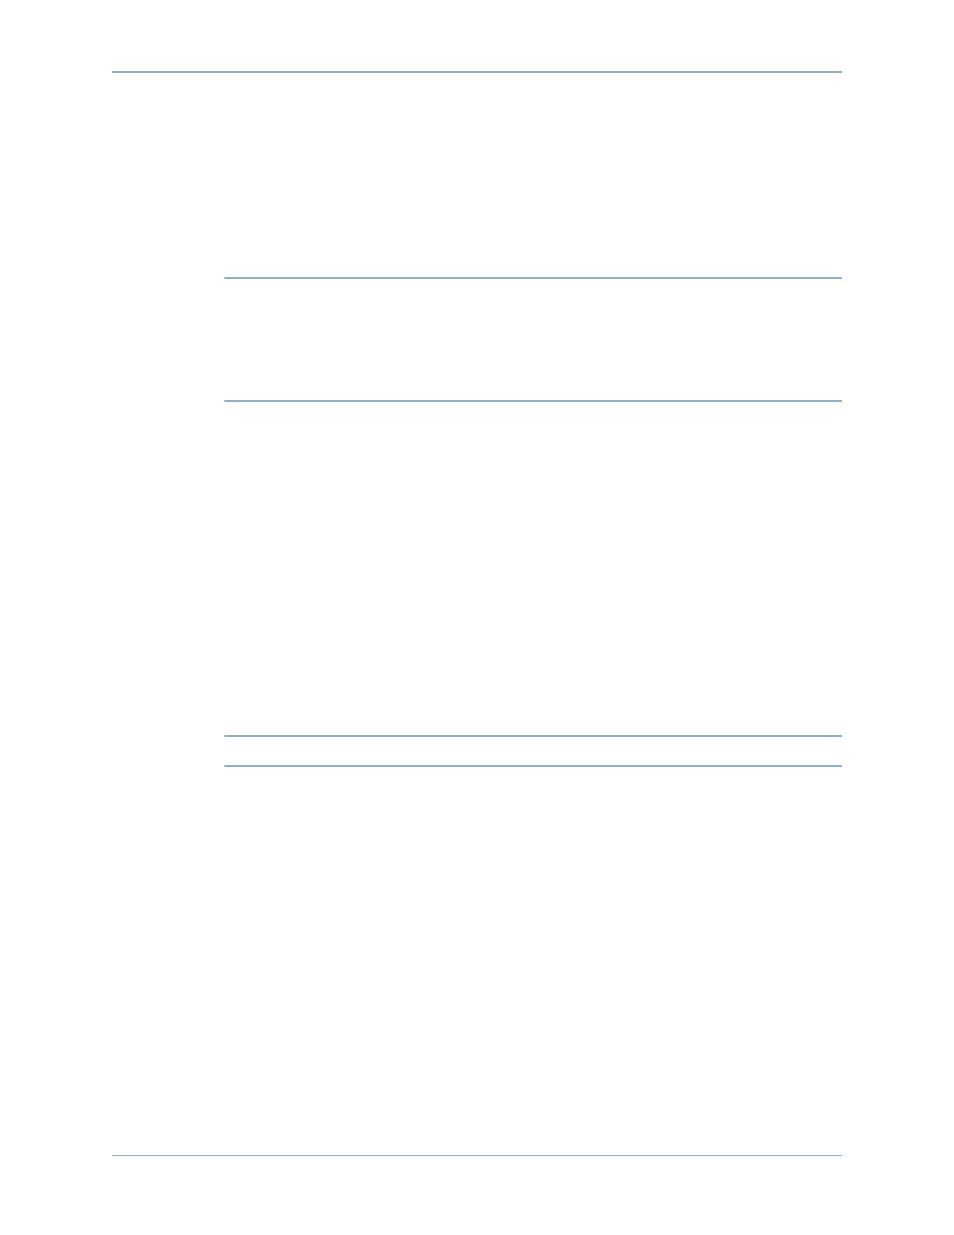 Set ip addresses | Dell Compellent Series 30 User Manual